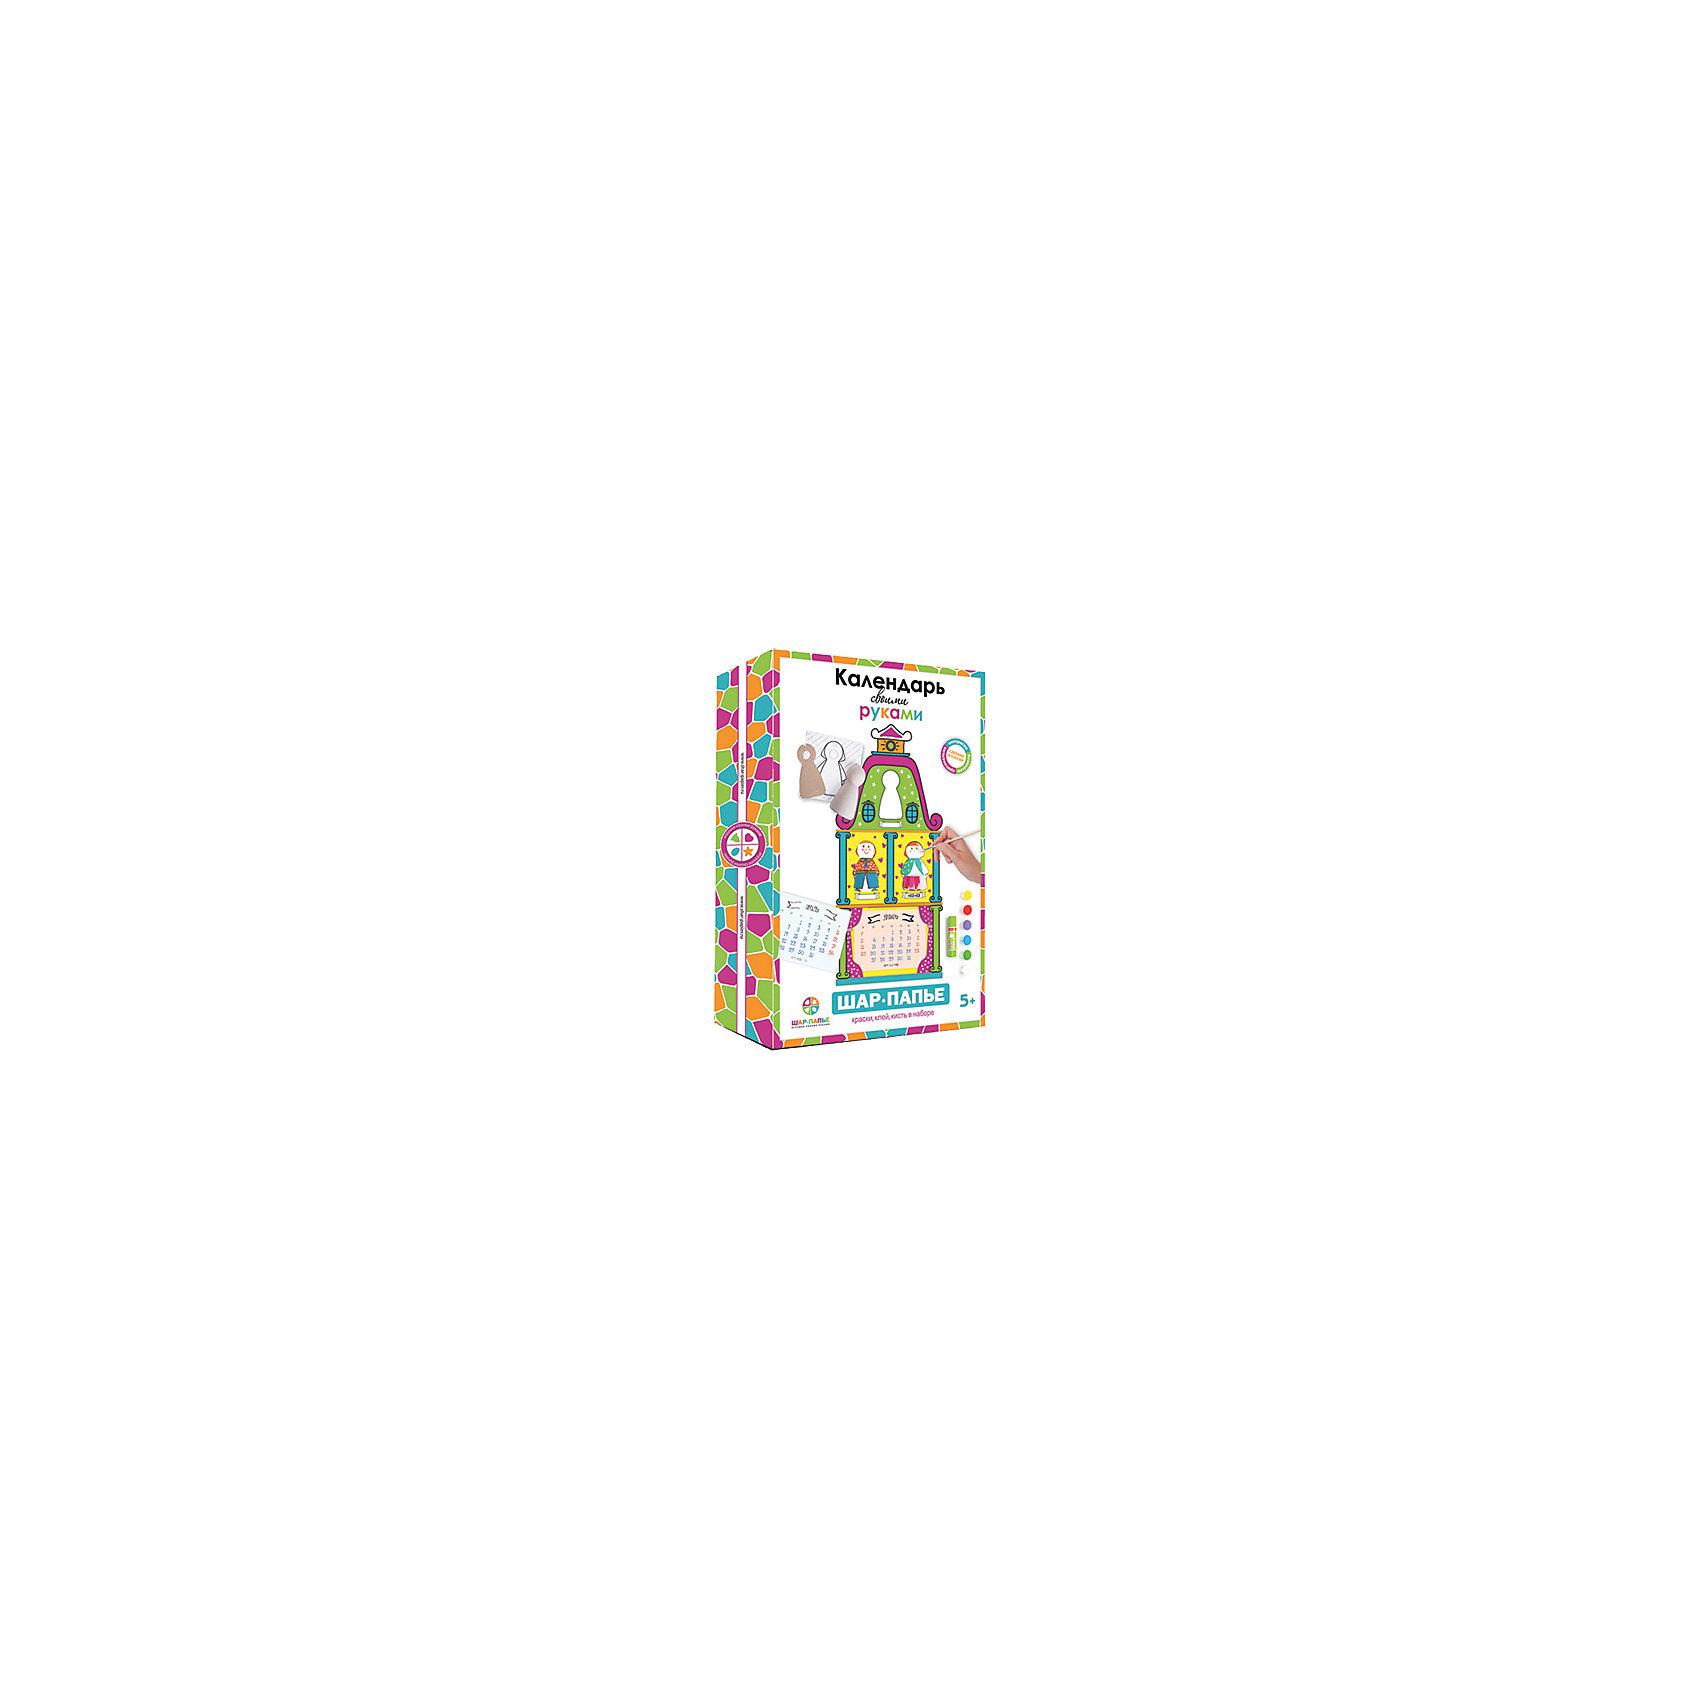 Шар Папье Набор для раскрашивания Календарь своими руками система умный дом своими руками купить в китае